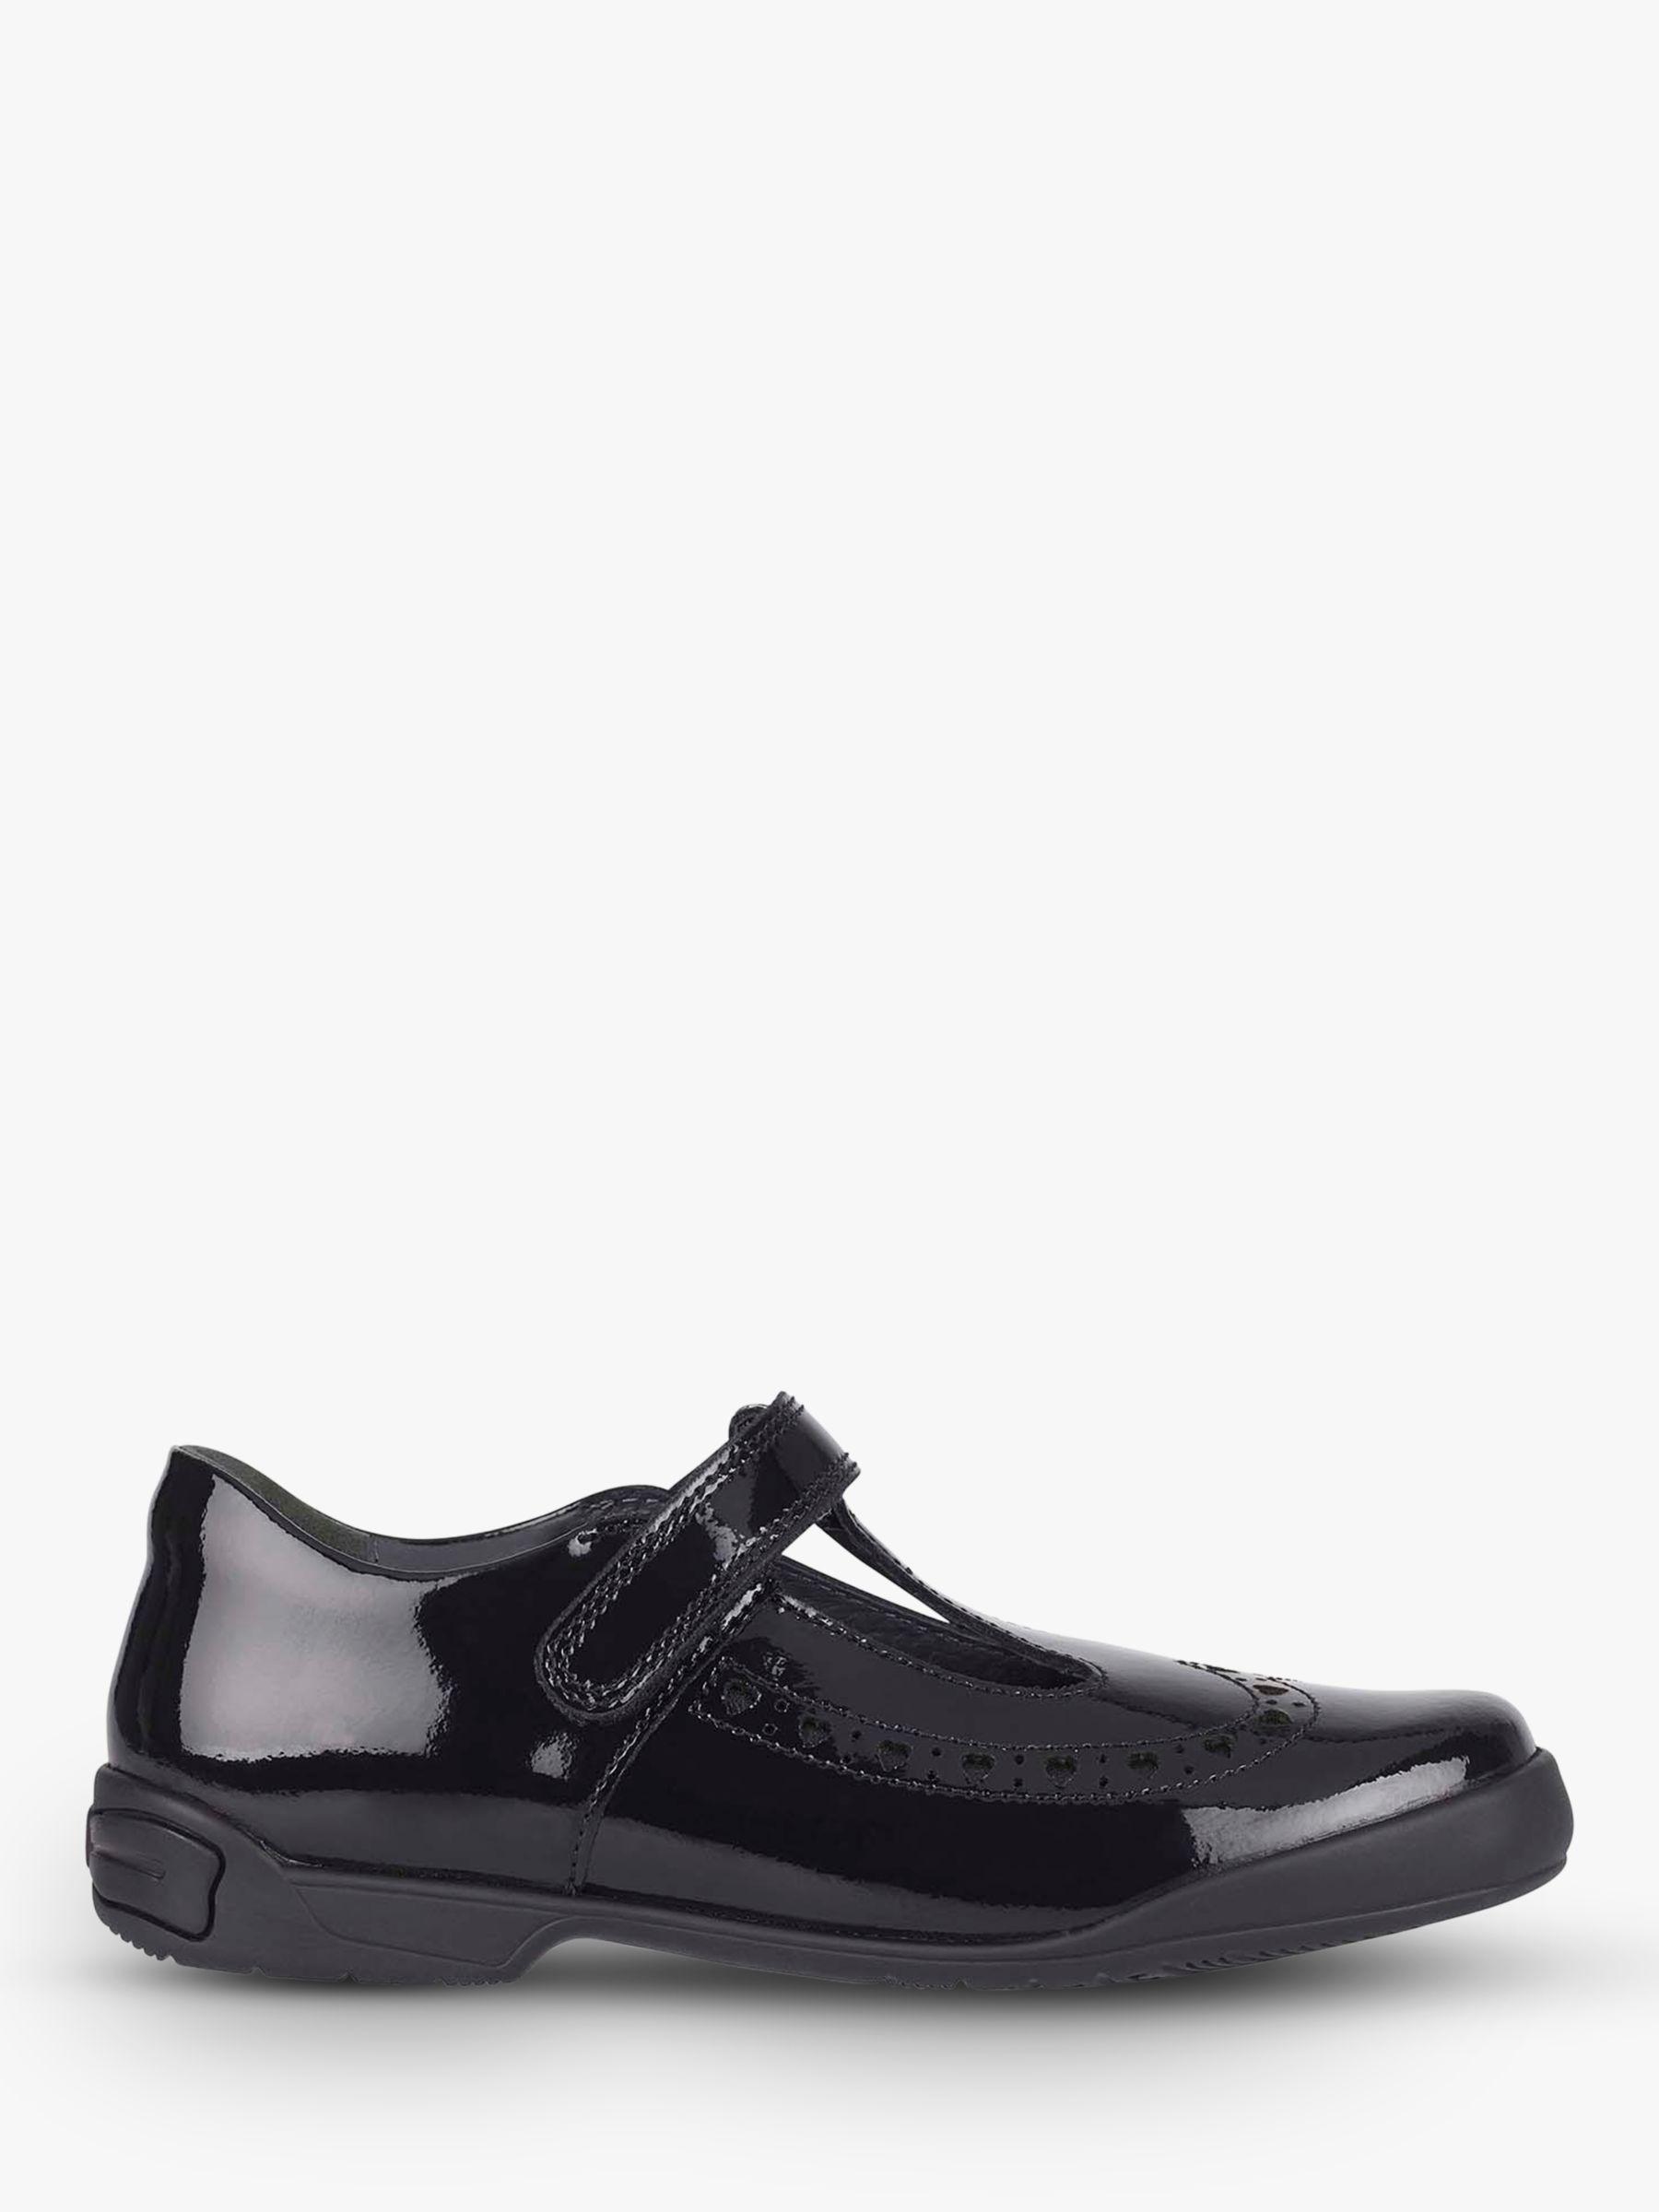 Start-Rite Start-rite Children's Leapfrog Riptape Glossy Leather Shoes, Black